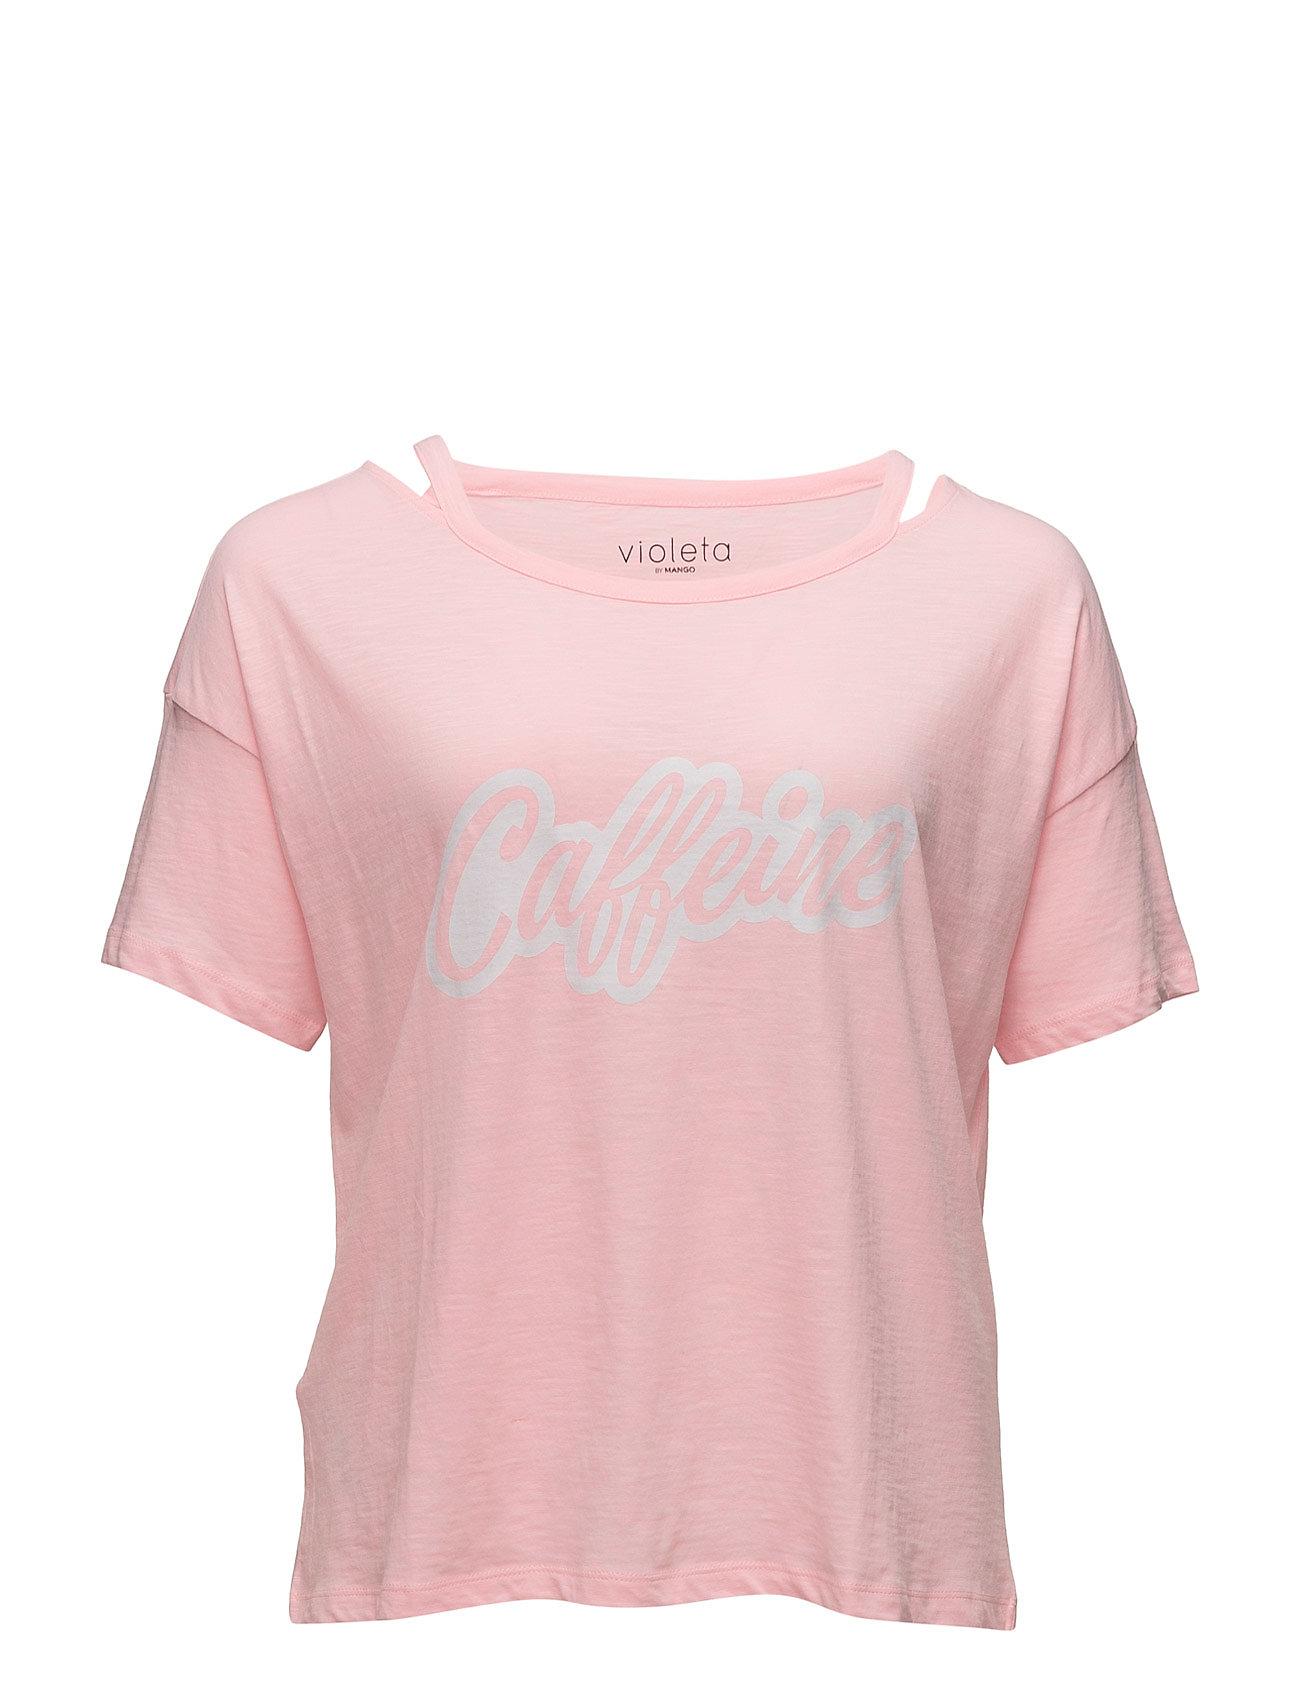 Message Off-Shoulder T-Shirt Violeta by Mango Kortærmede til Damer i Lyserød